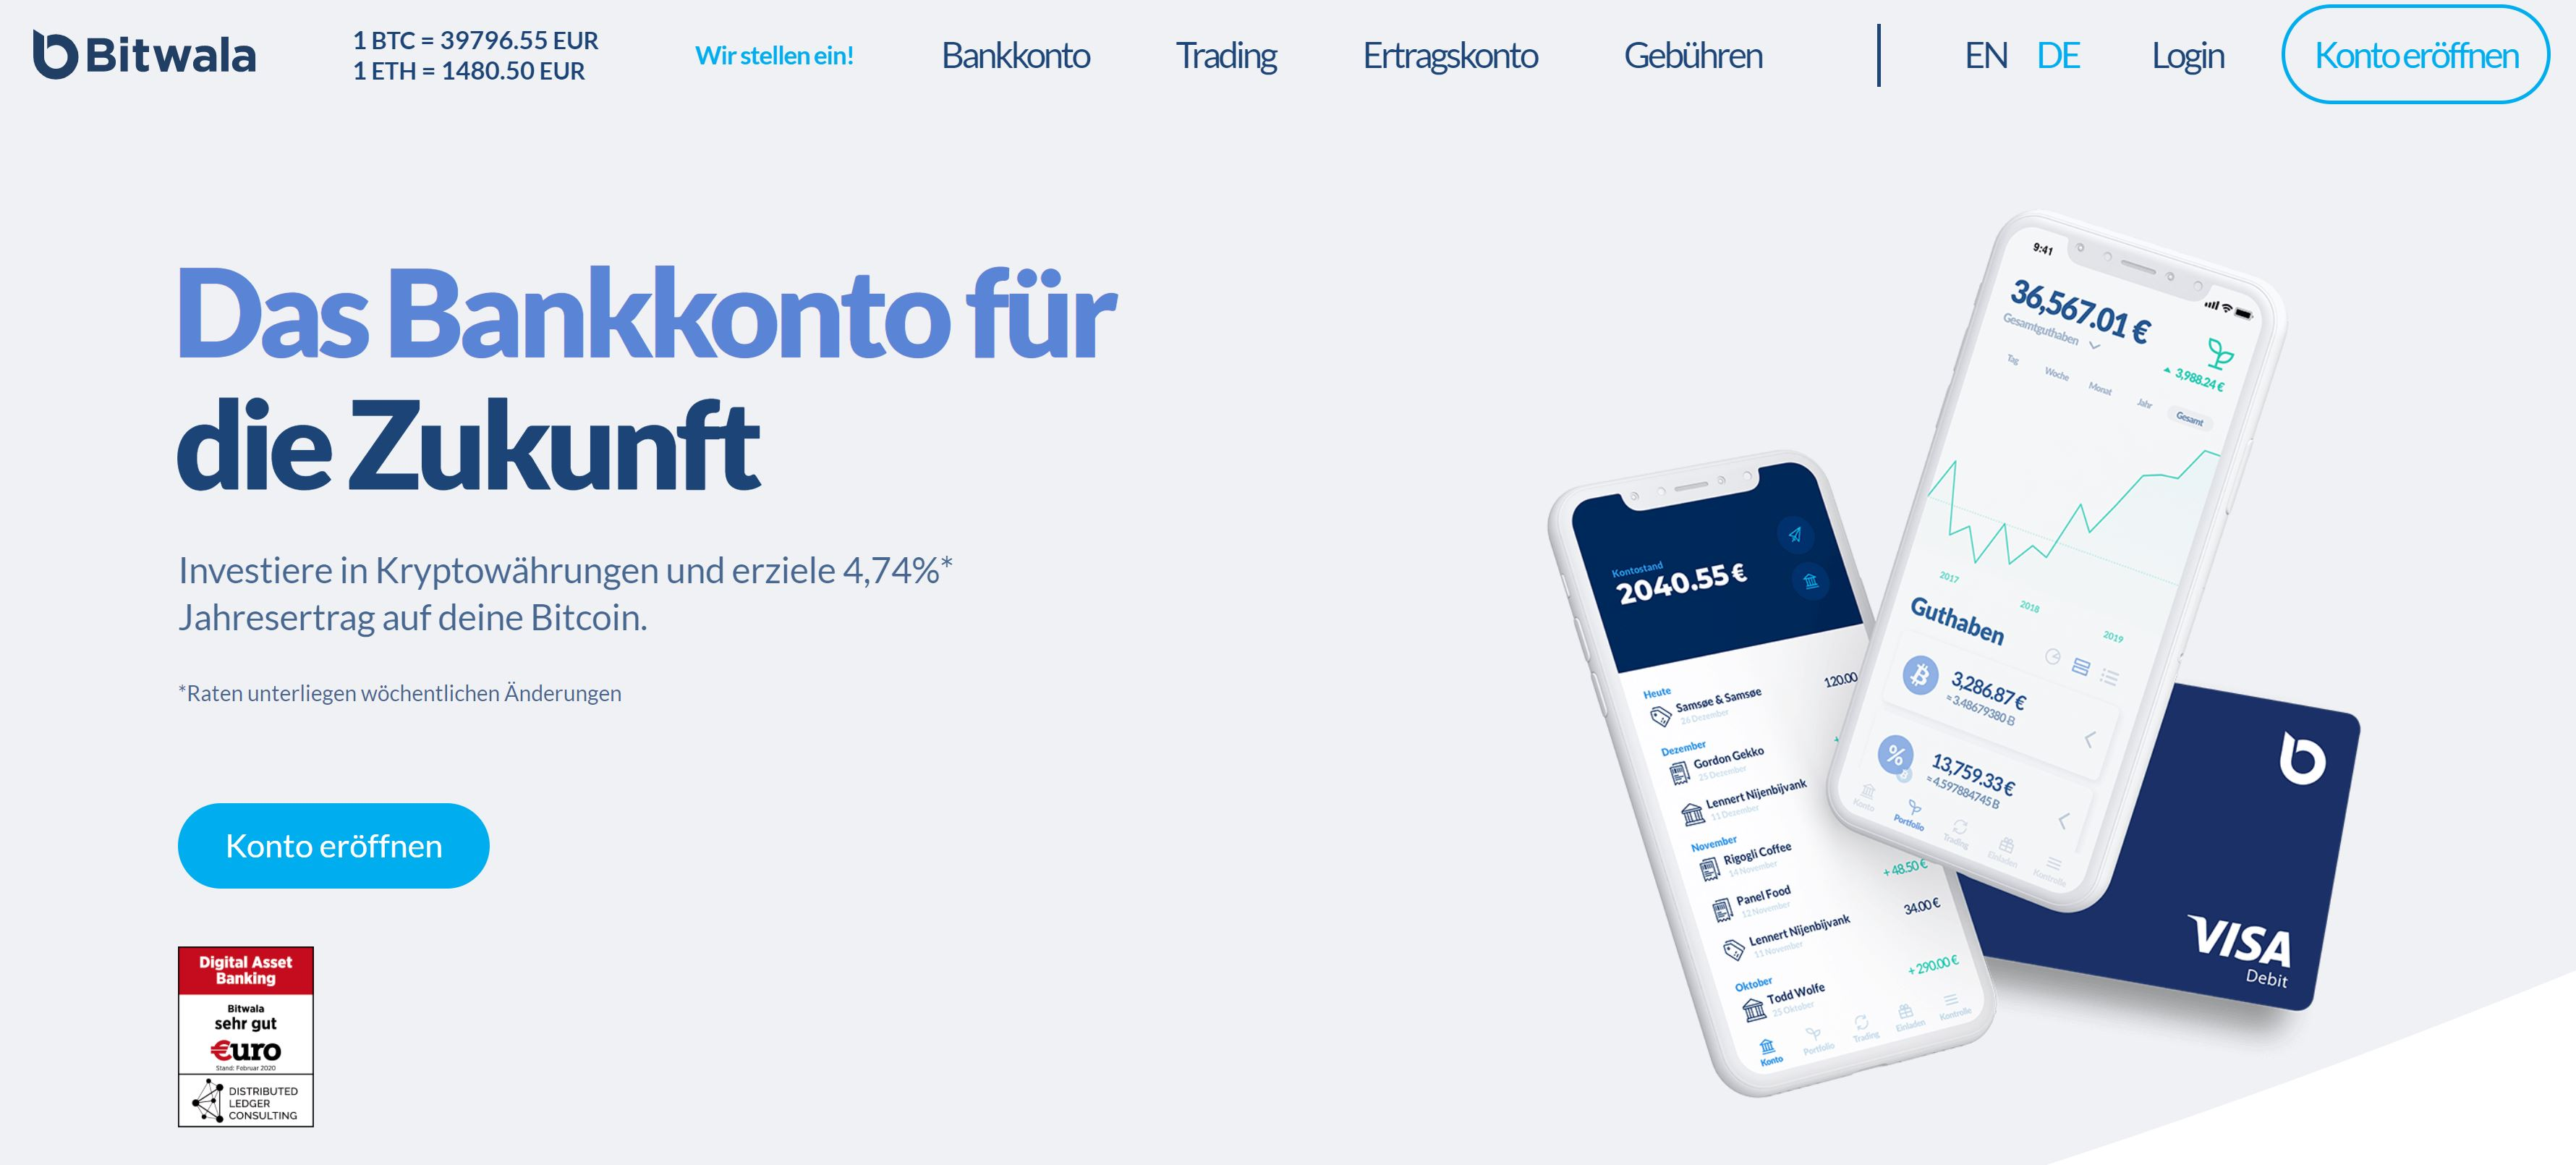 Bitwala nettsted og logo